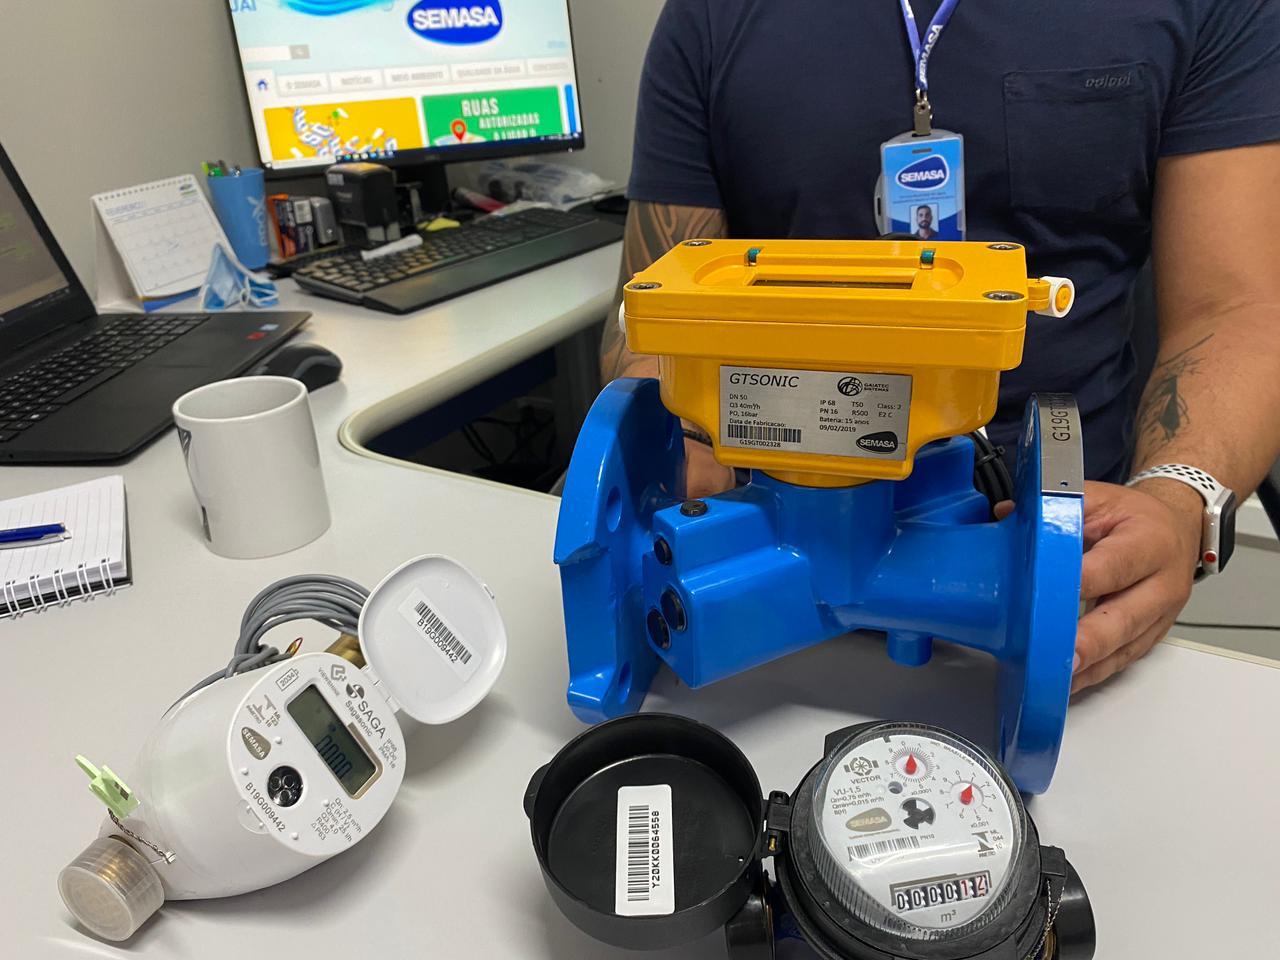 Semasa renova equipamentos de medição de água com blindagem contra fraude